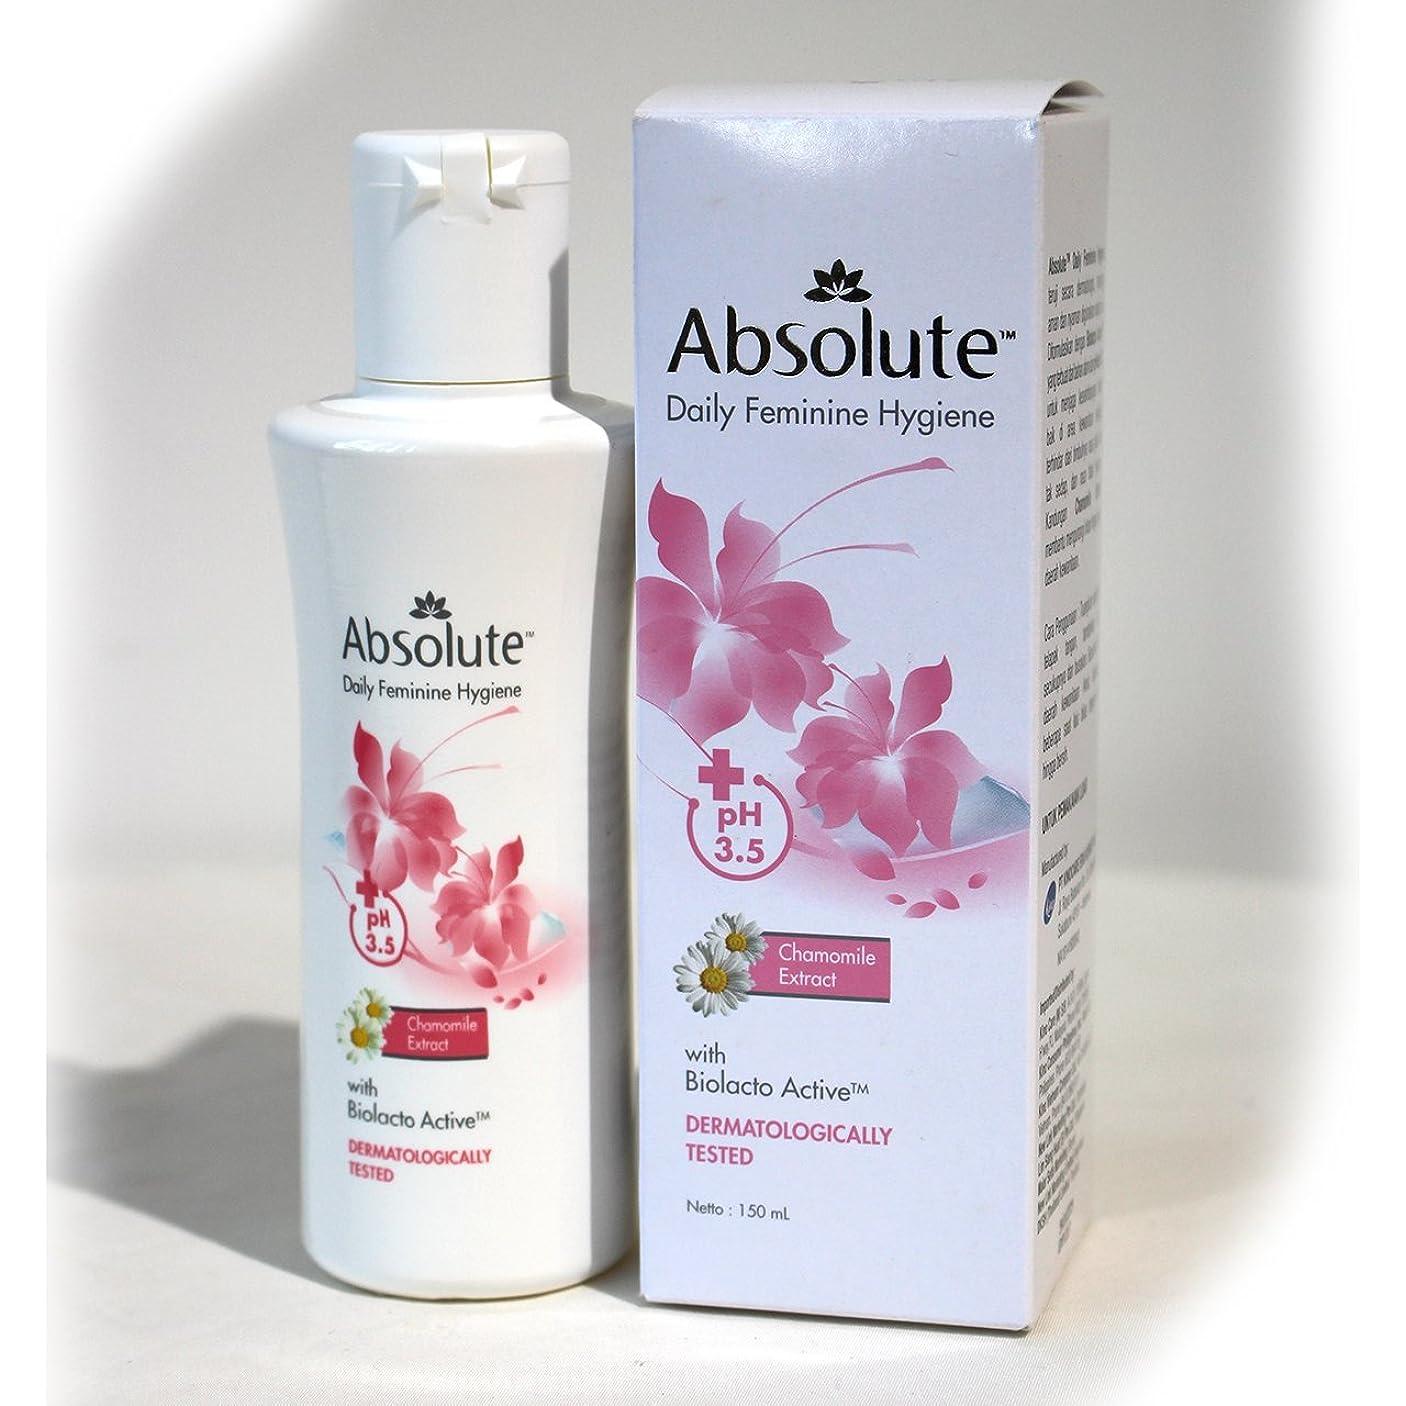 追うブレーキ石のAbsolute(アブソリュート)女性用液体ソープ 150ml [並行輸入品][海外直送品]